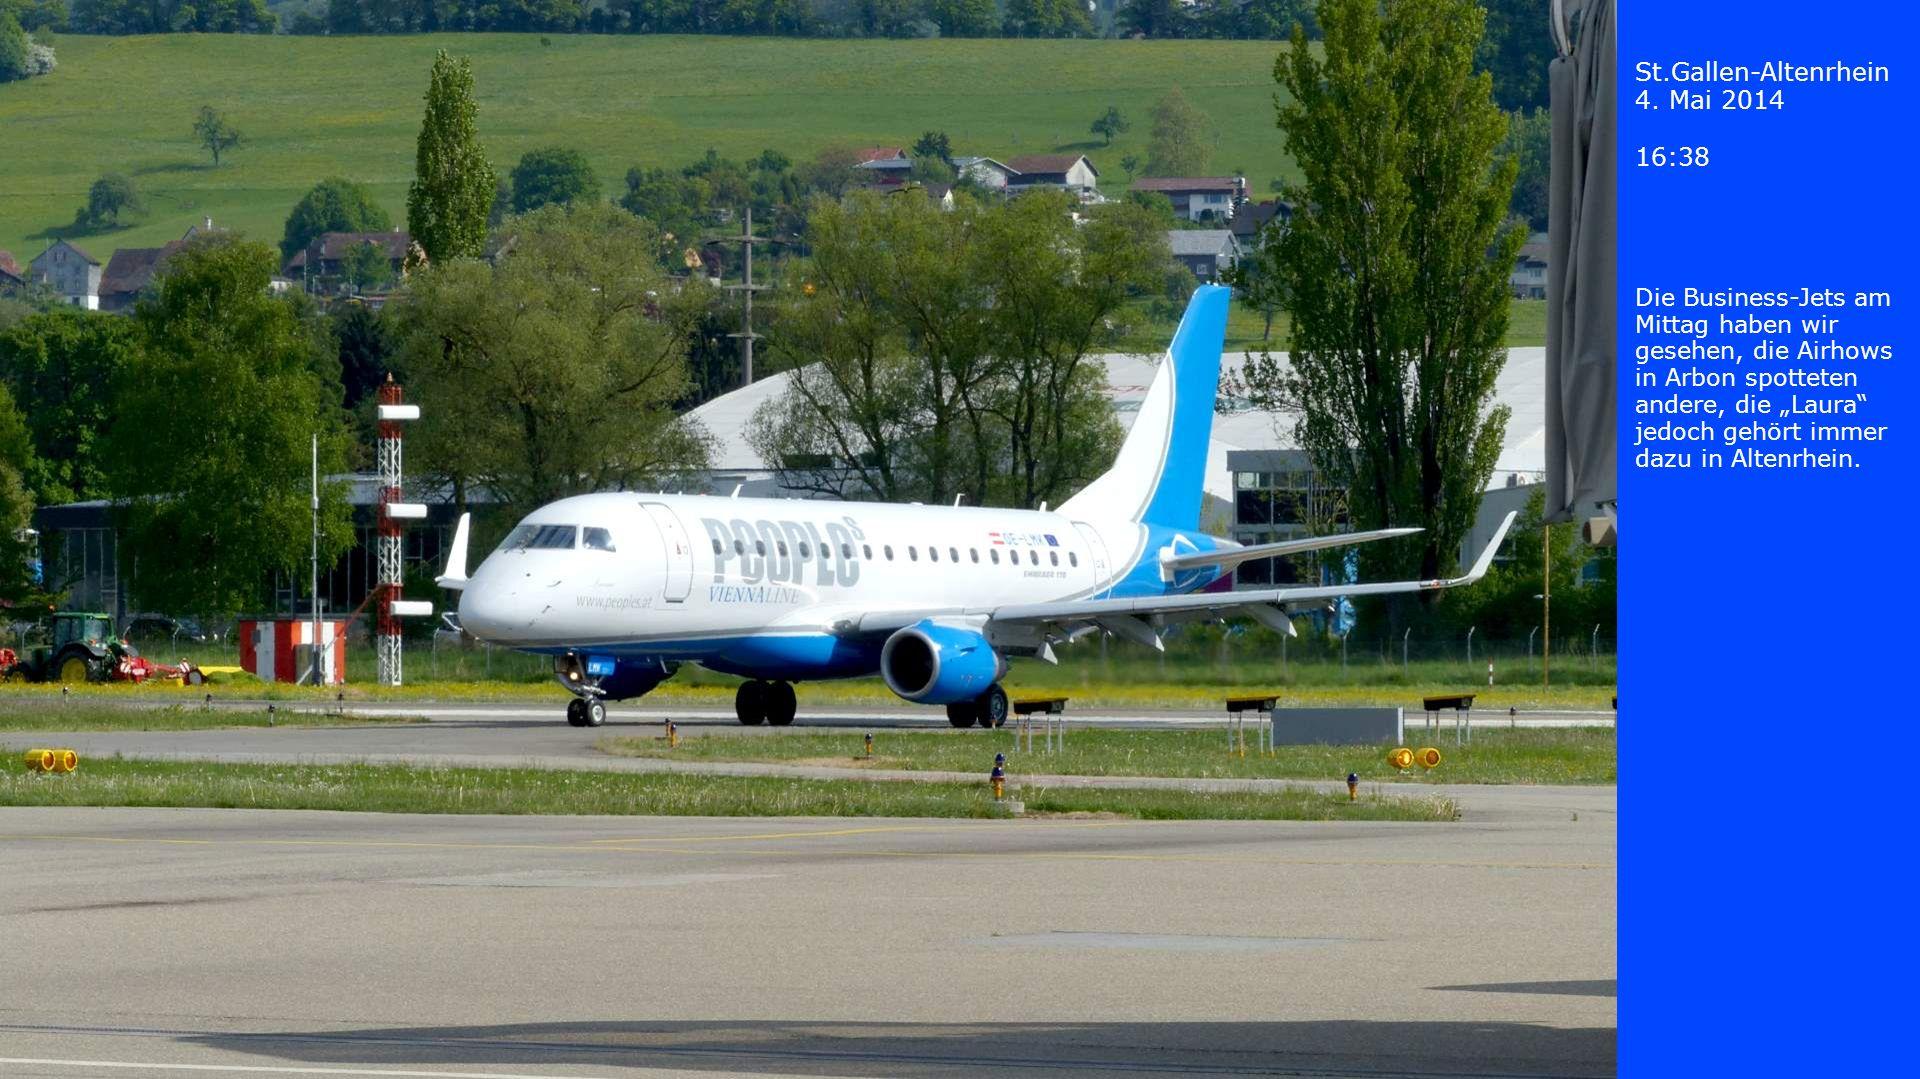 St.Gallen-Altenrhein 4. Mai 2014 16:38 Die Business-Jets am Mittag haben wir gesehen, die Airhows in Arbon spotteten andere, die Laura jedoch gehört i